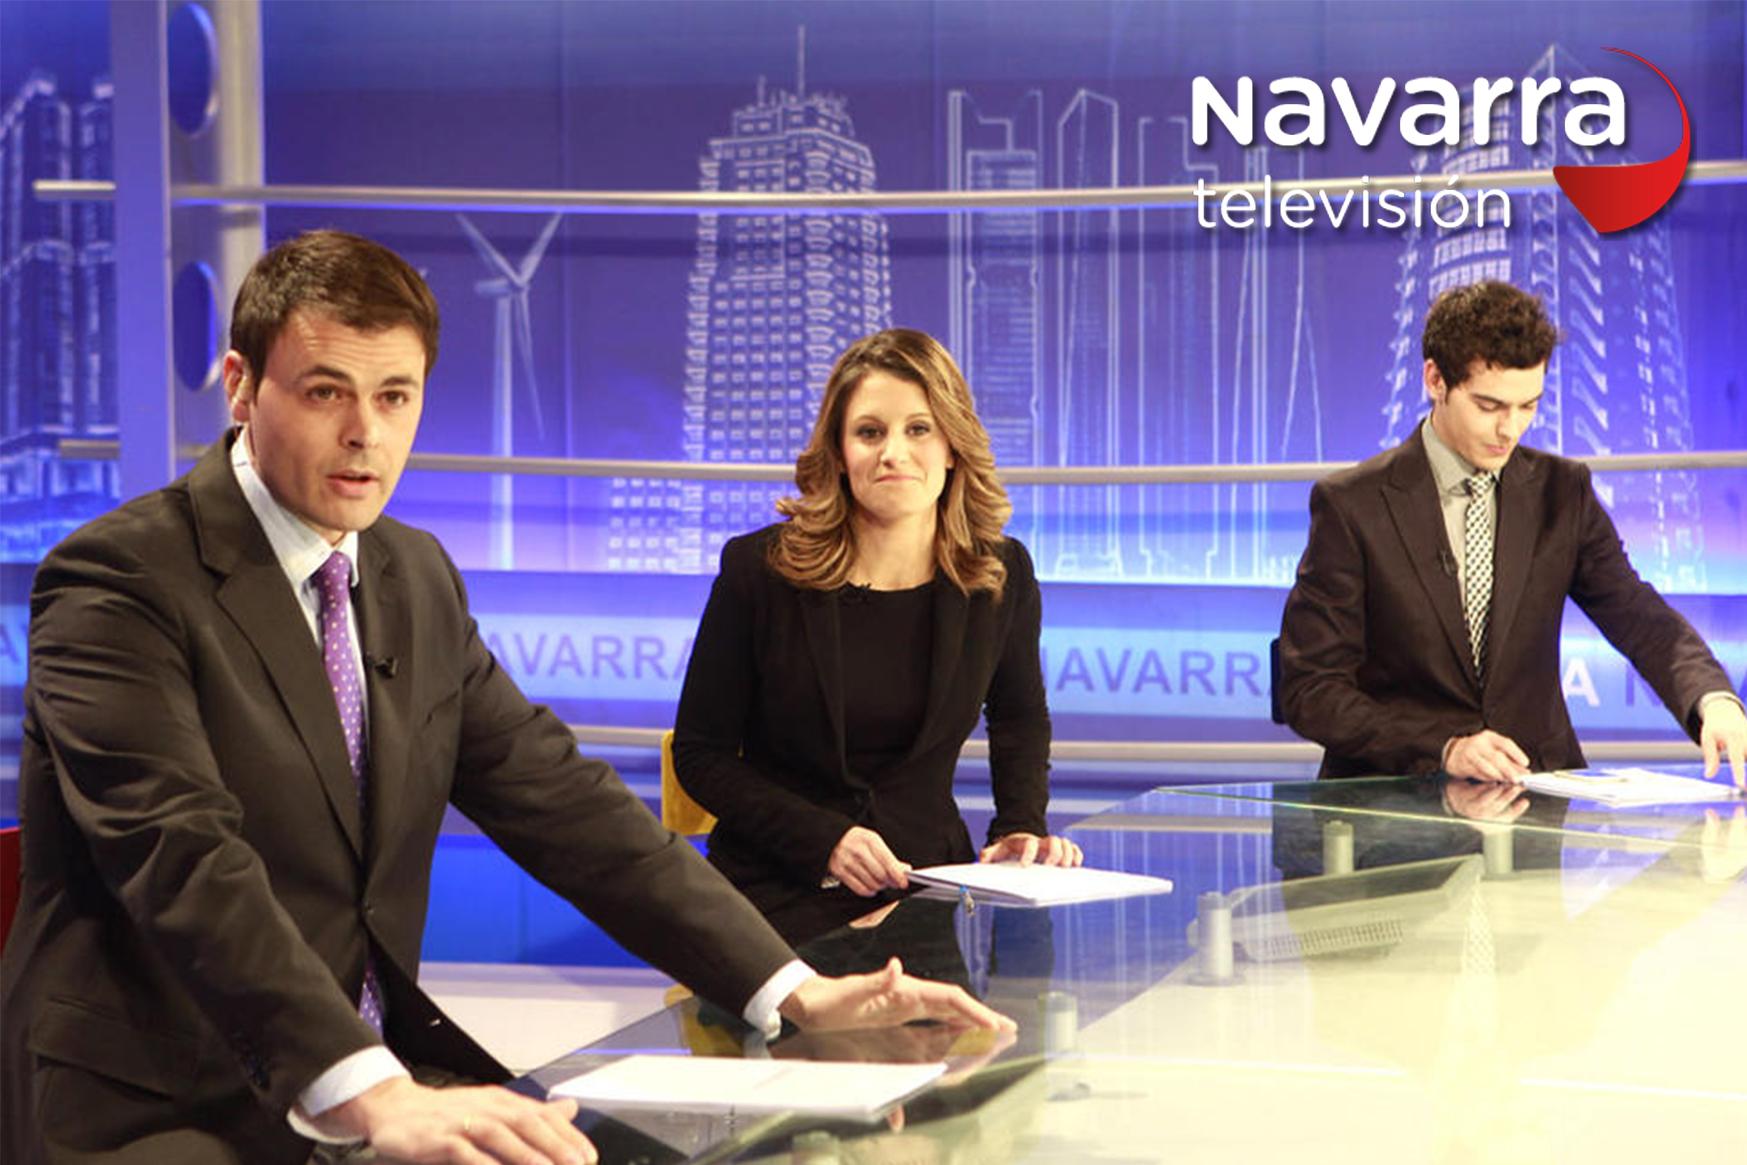 foto noticia: Kursaal Green y el proyecto de Oskotz en Navarra TV